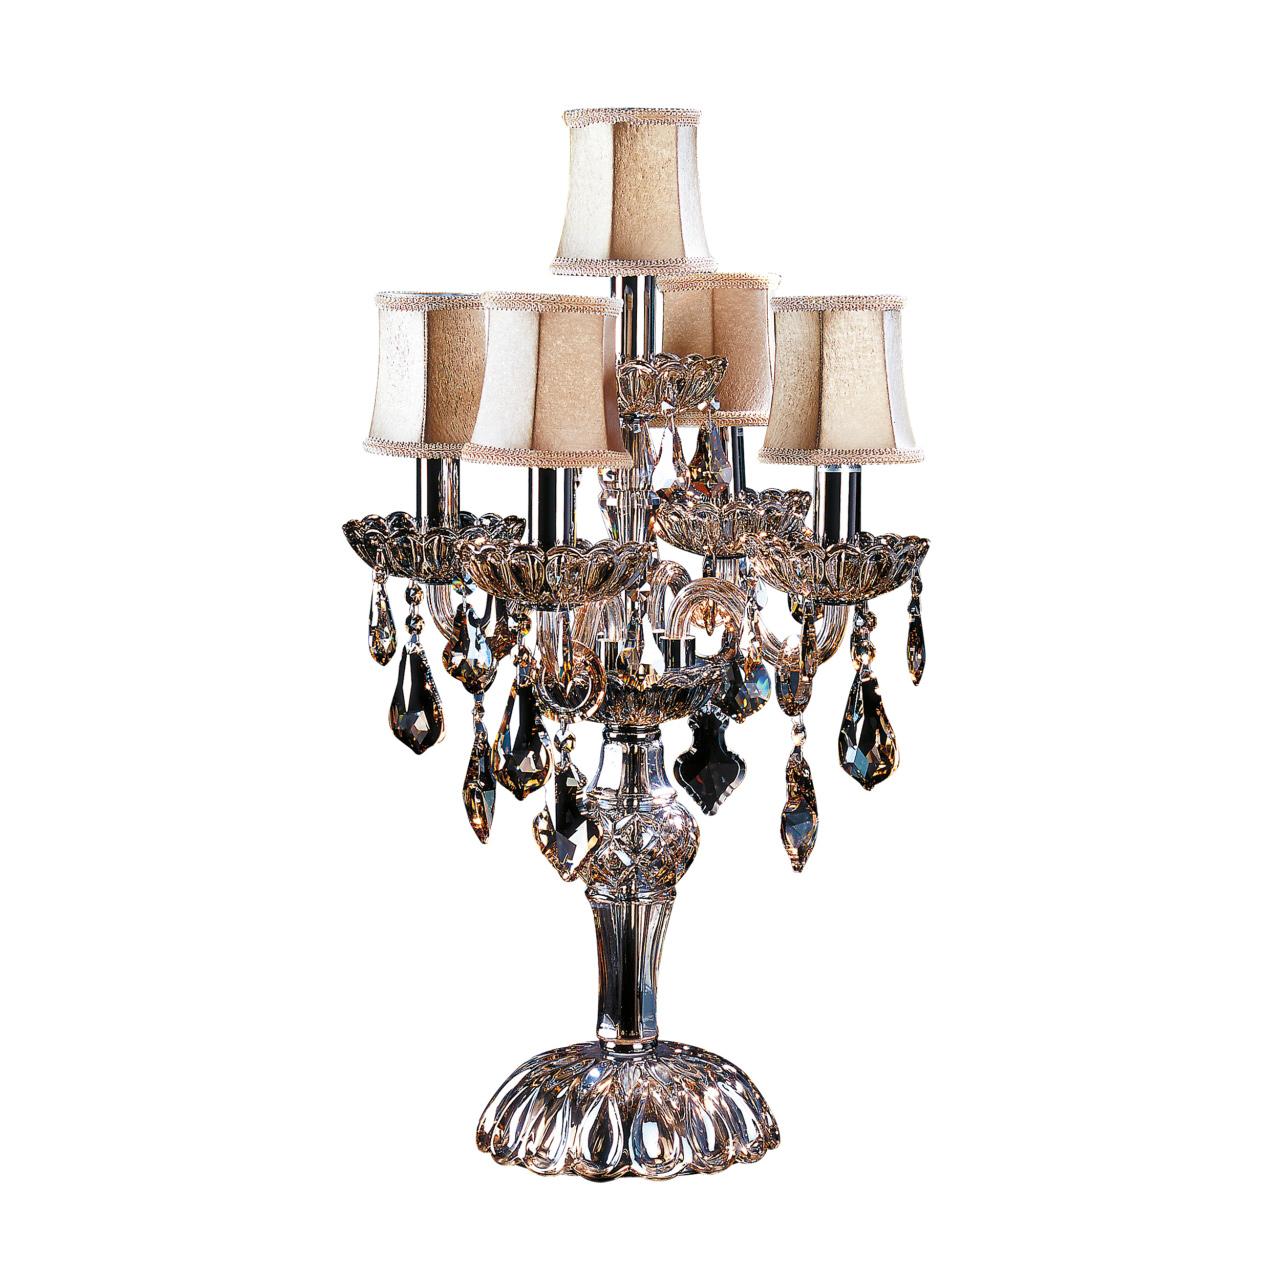 Настольная лампа Nativo 5x40W E14 коньяк / черный хром / бежевый Osgona 715957